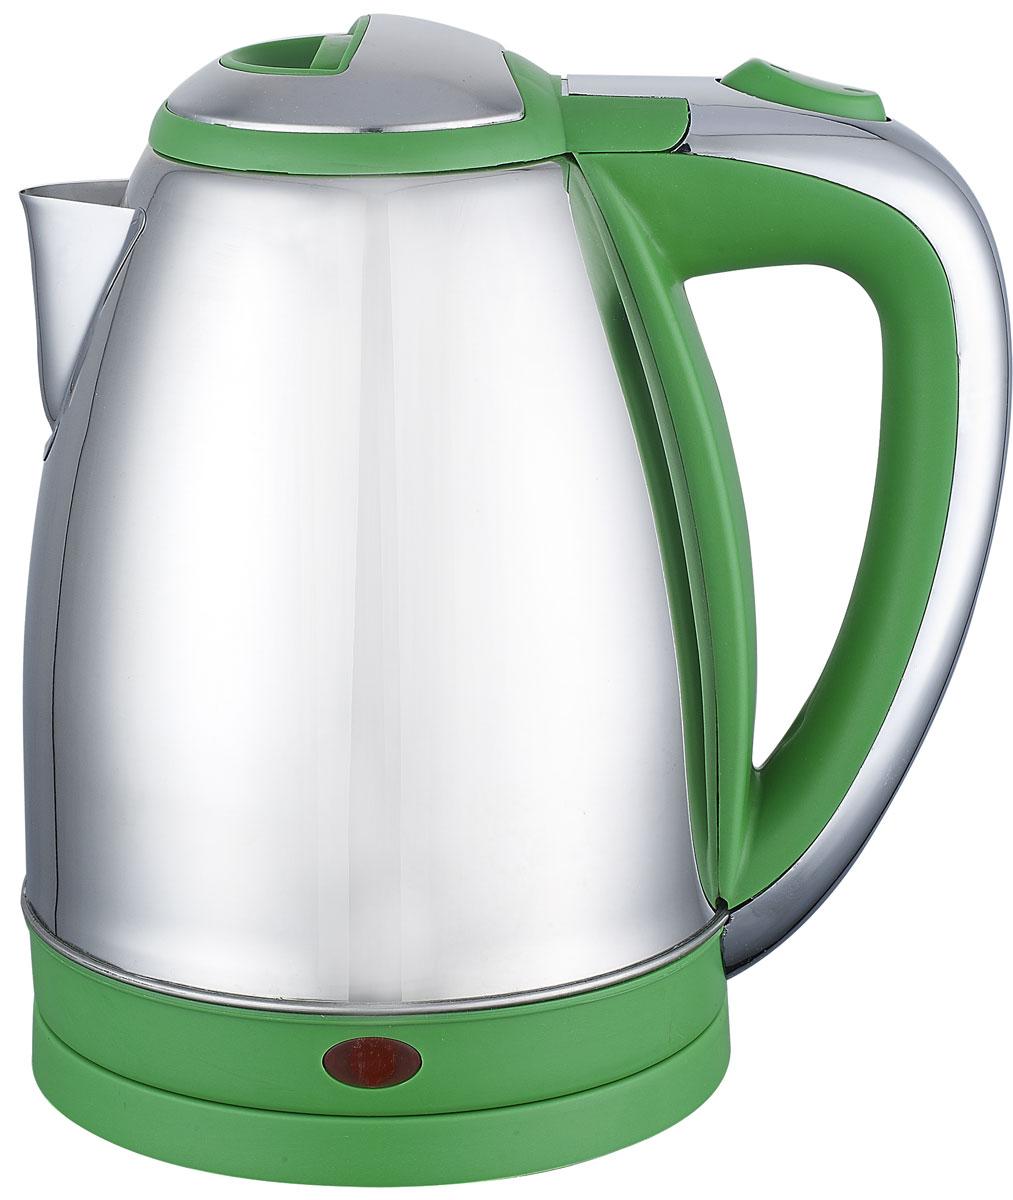 Irit IR-1314, Green электрический чайник